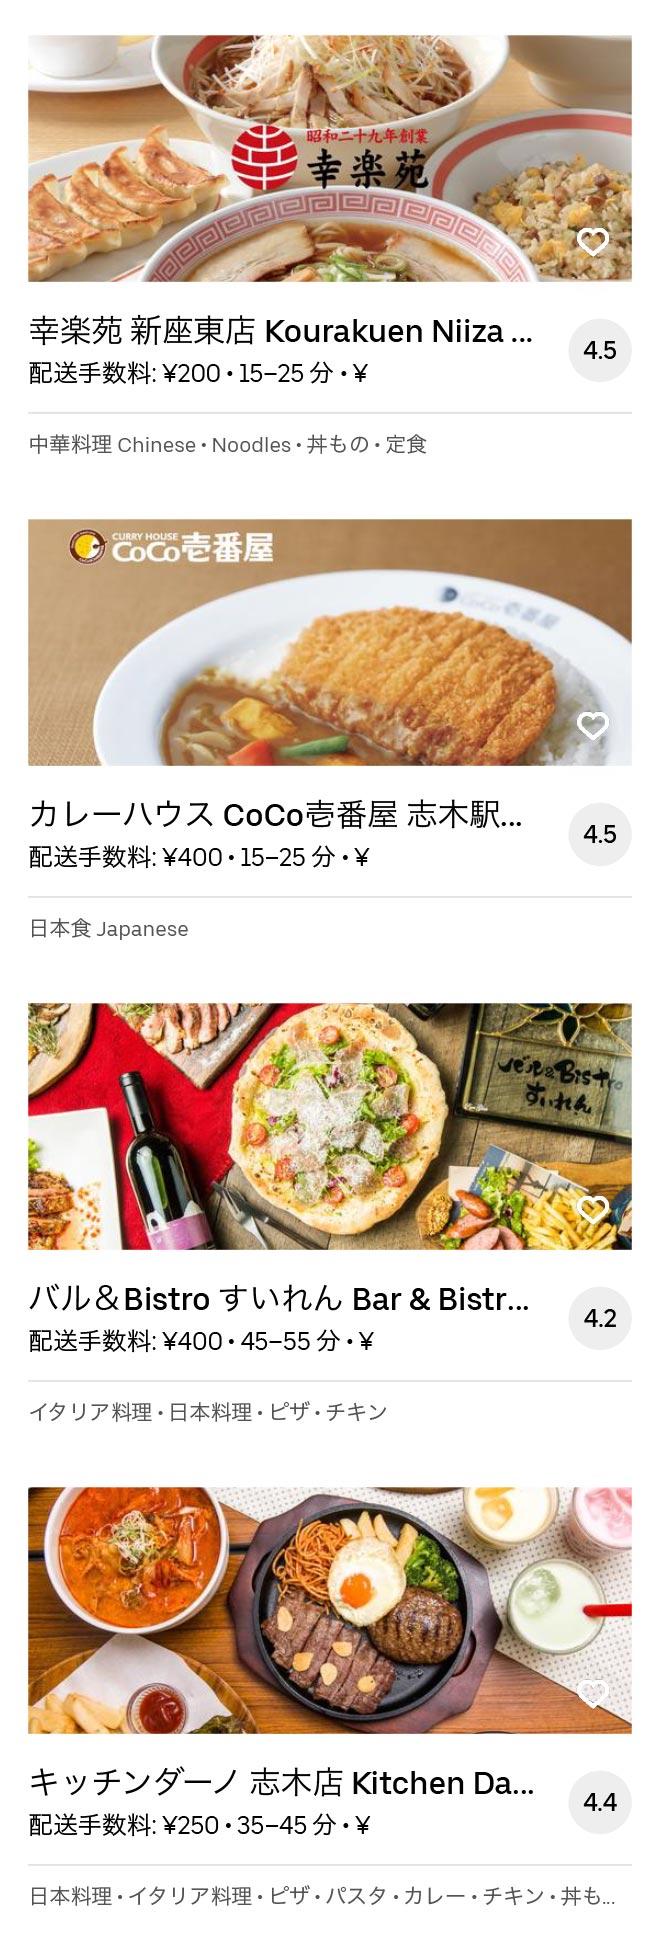 Saitama niiza menu 2004 04